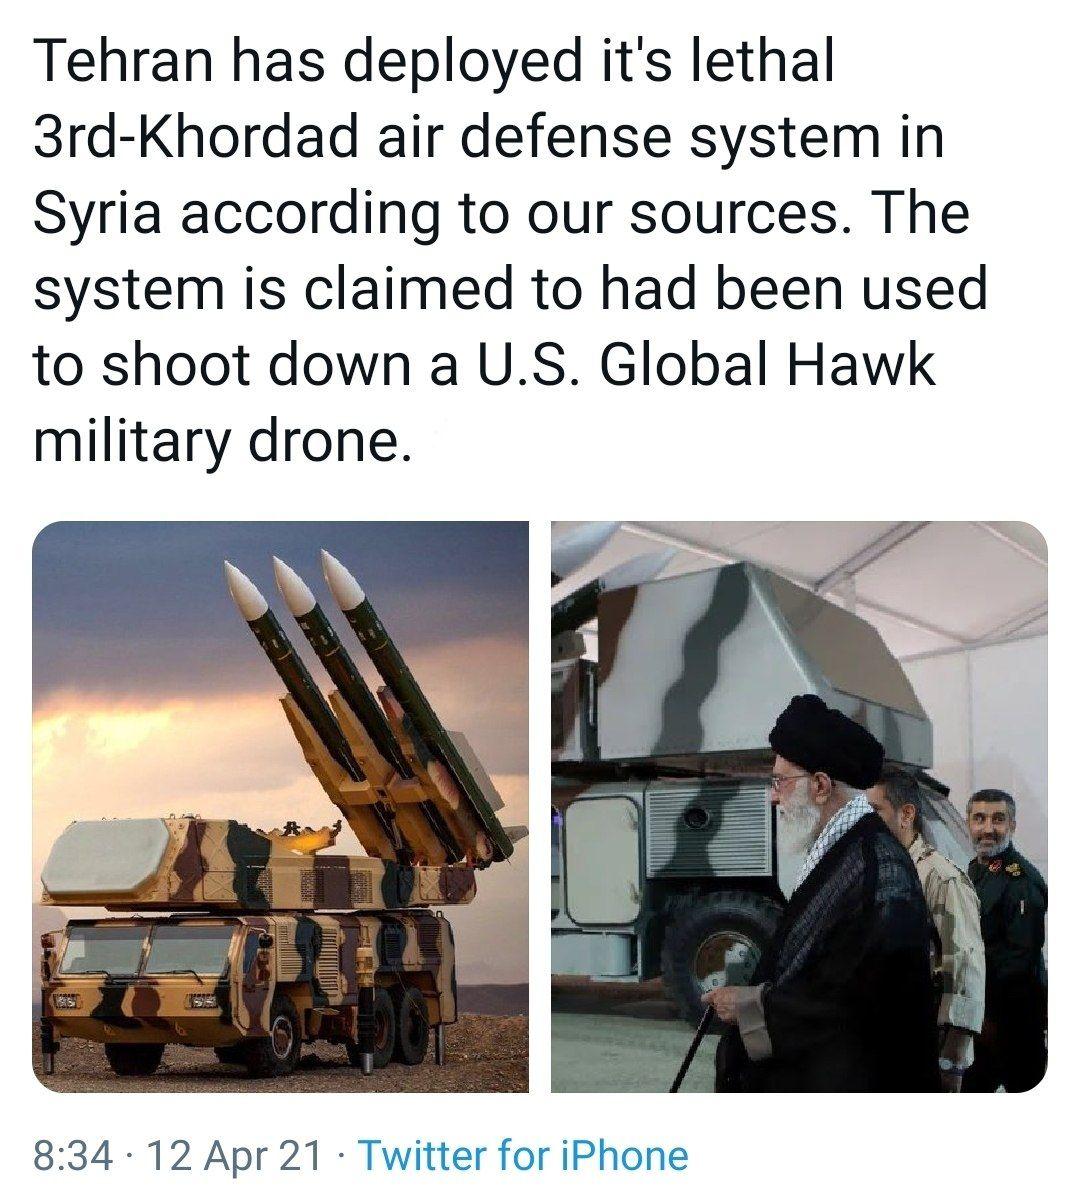 İran Suriye'ye Hordad-3 Hava Savunma Sistemini Konuşlandırdı Mı?